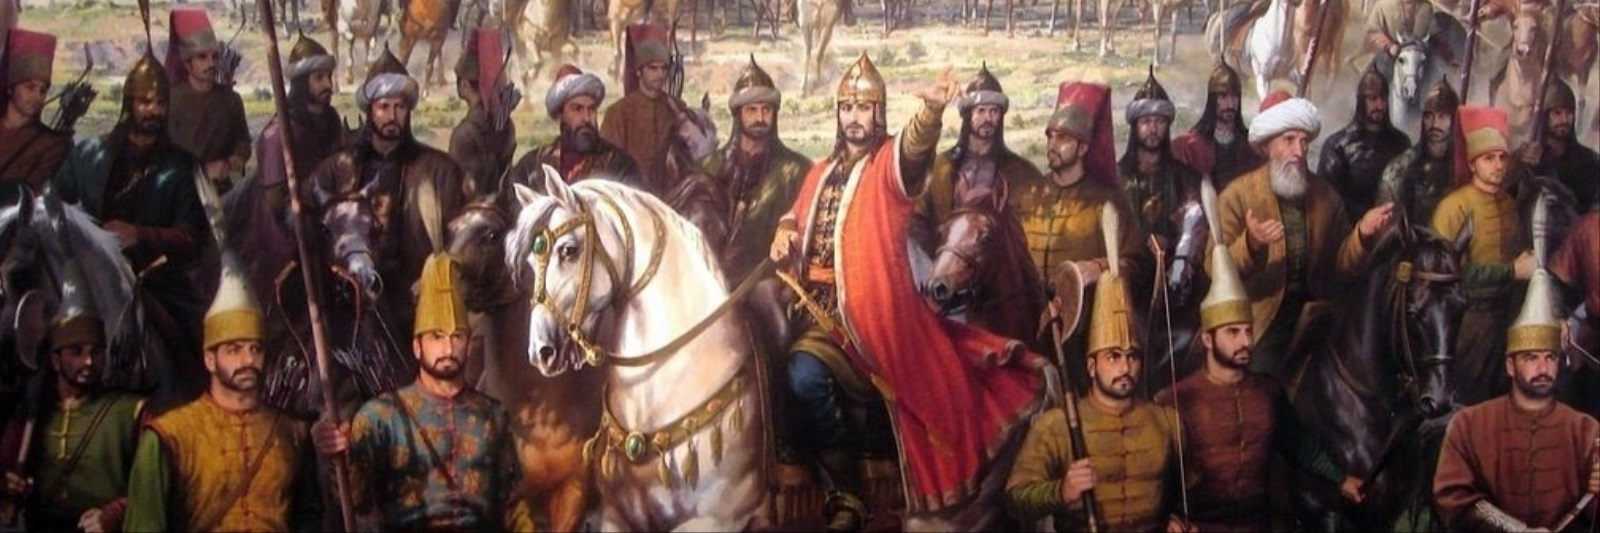 كيف زور العرب لأولادهم تاريخ الدولة العثمانية